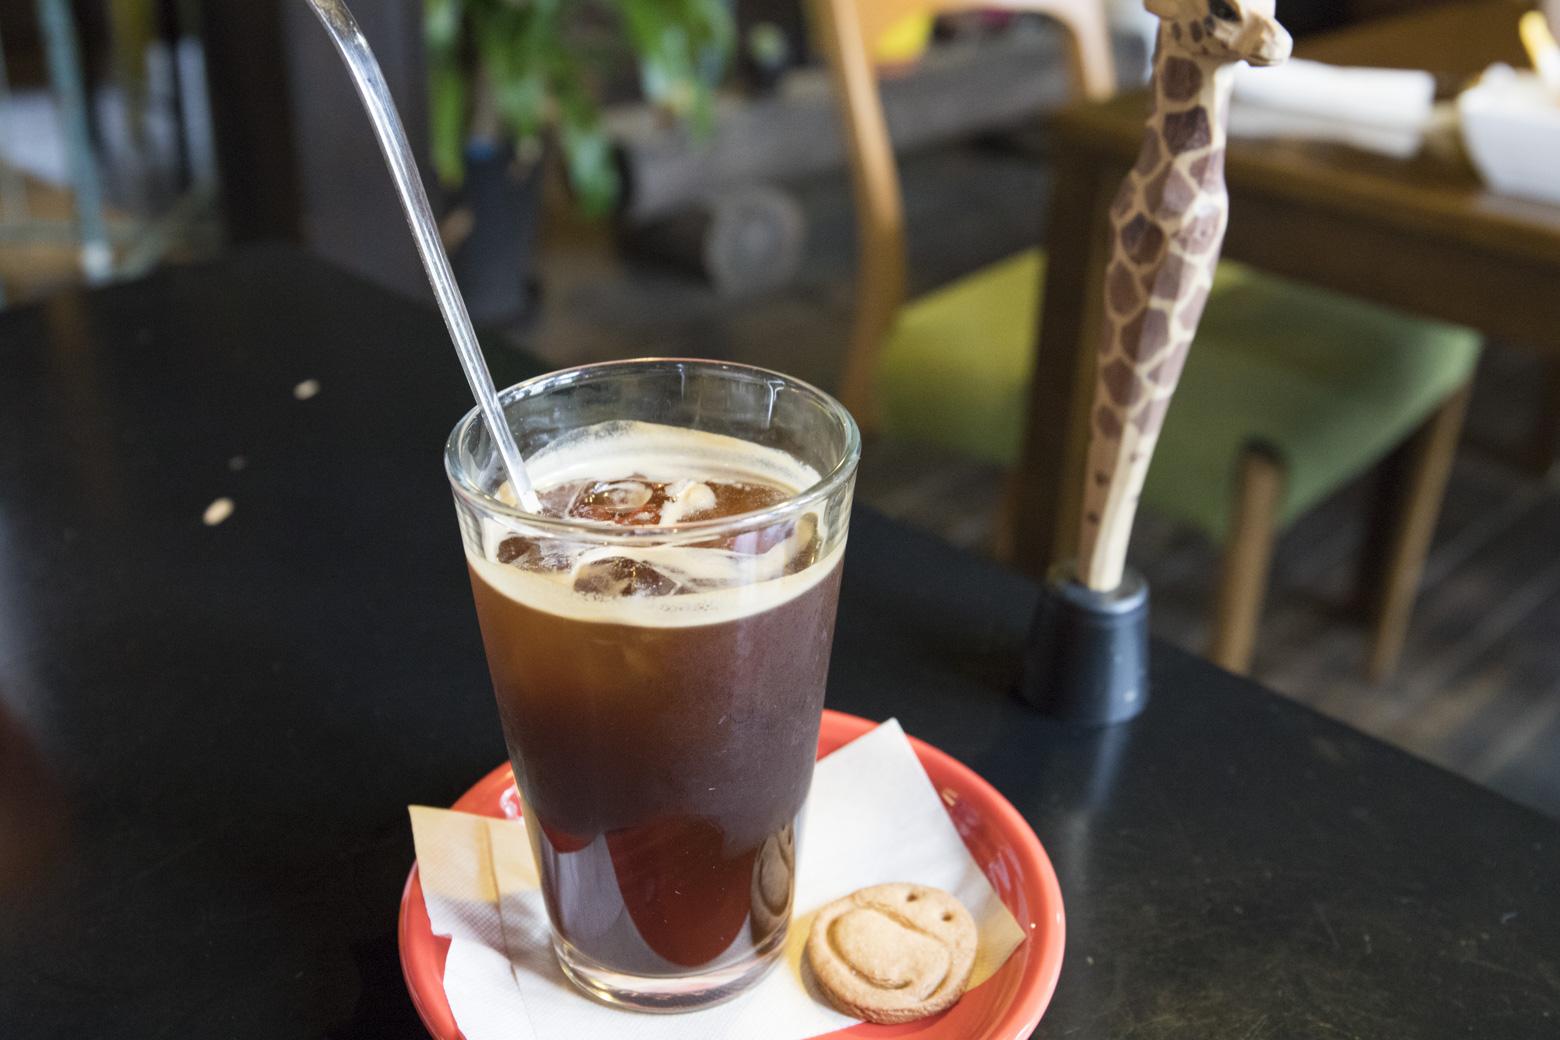 エチオピア産の豆を使ったアイスコーヒー